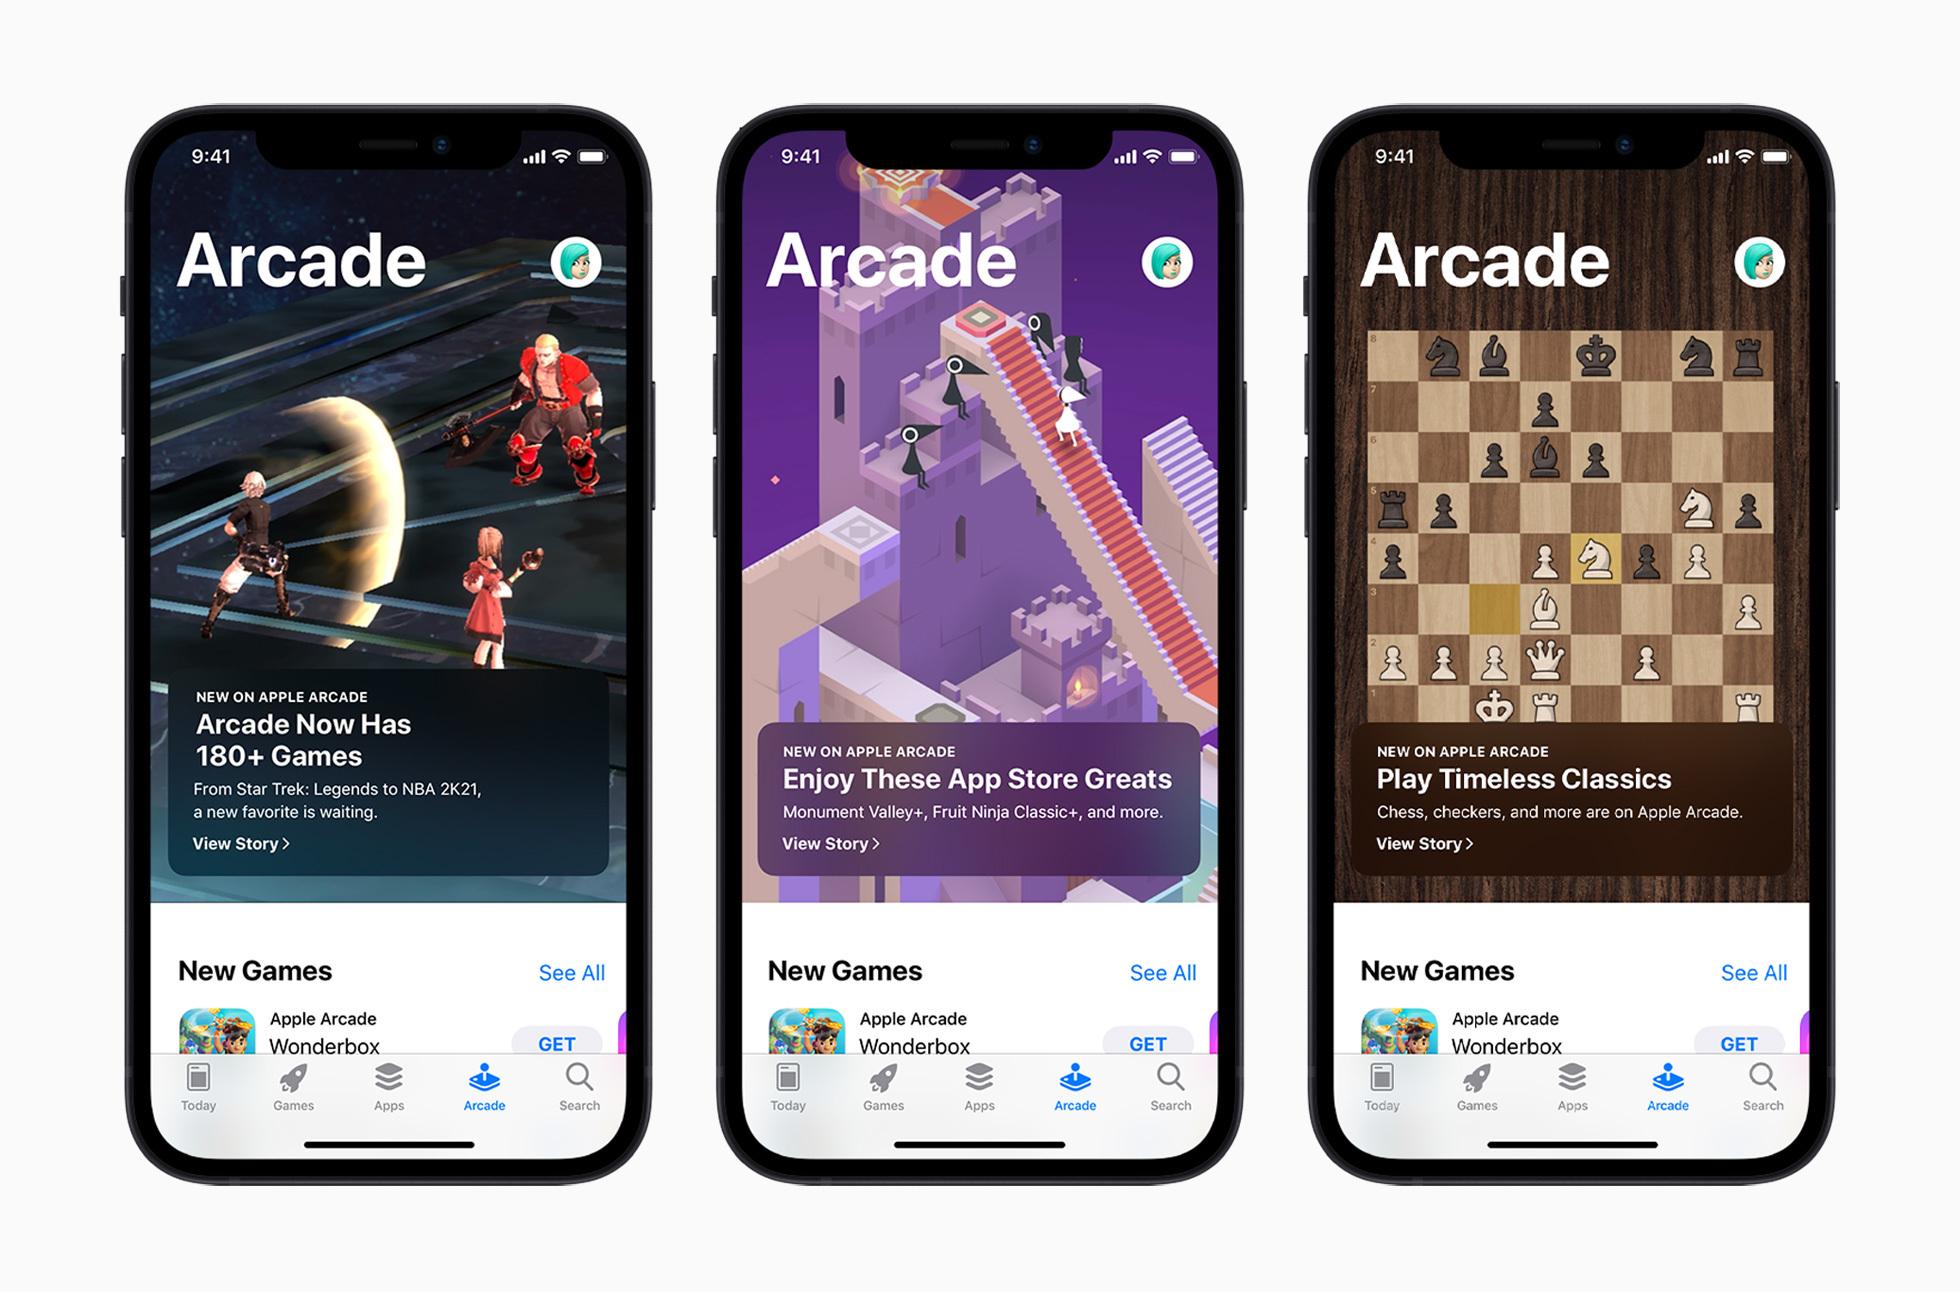 Apple Arcade加入30款新游戏 《纪念碑谷》等作